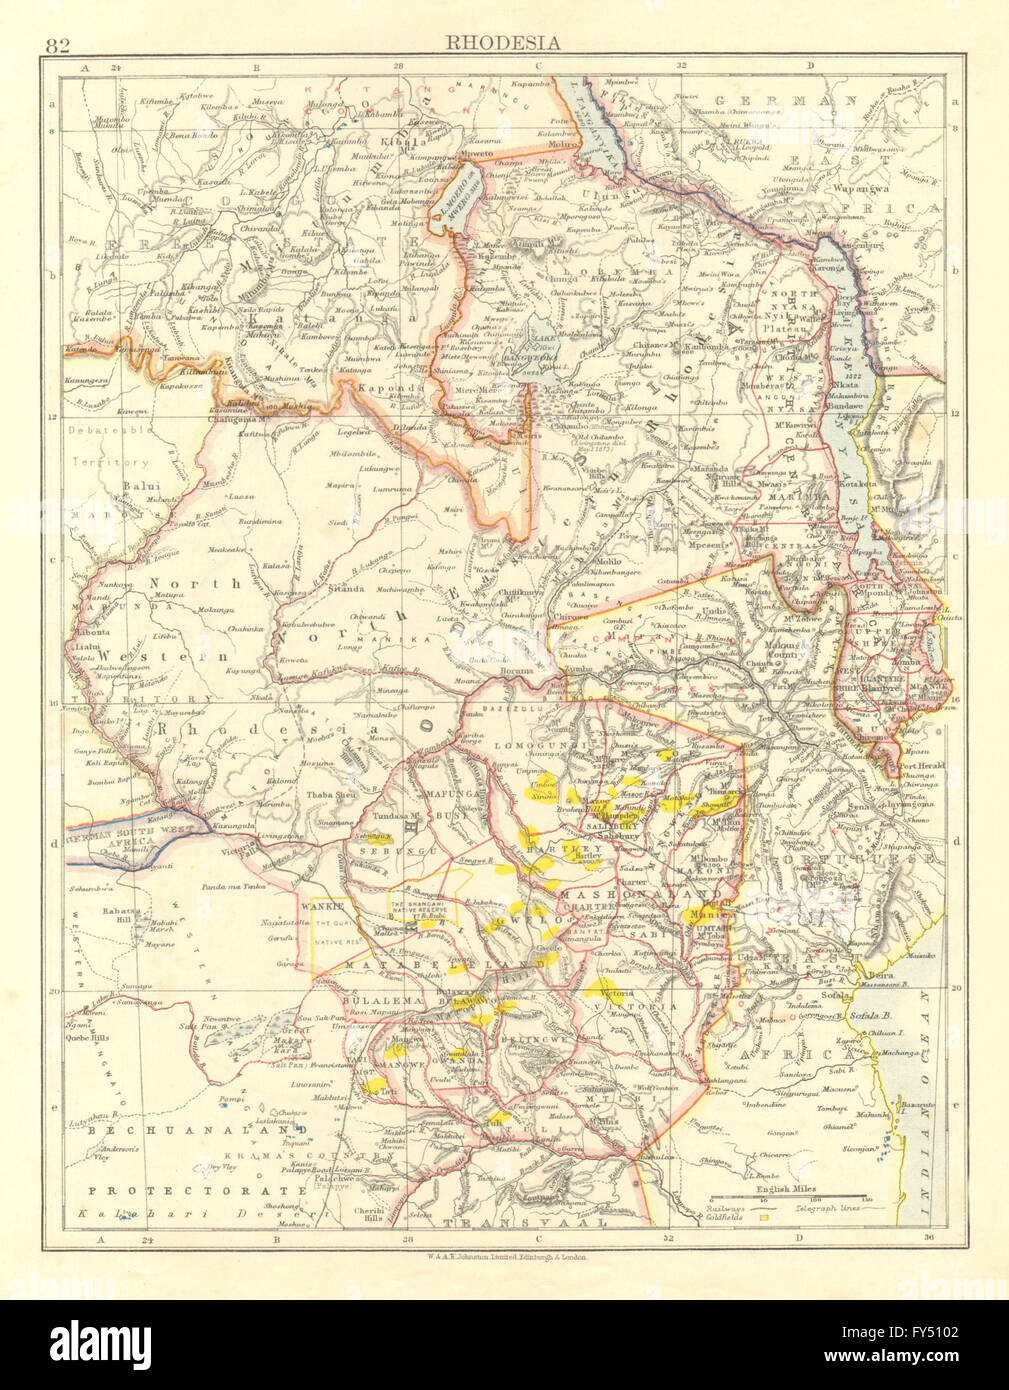 RHODESIA. Goldfields (yellow). Zambesia. Zambia Malawi Zimbabwe, 1906 old map - Stock Image